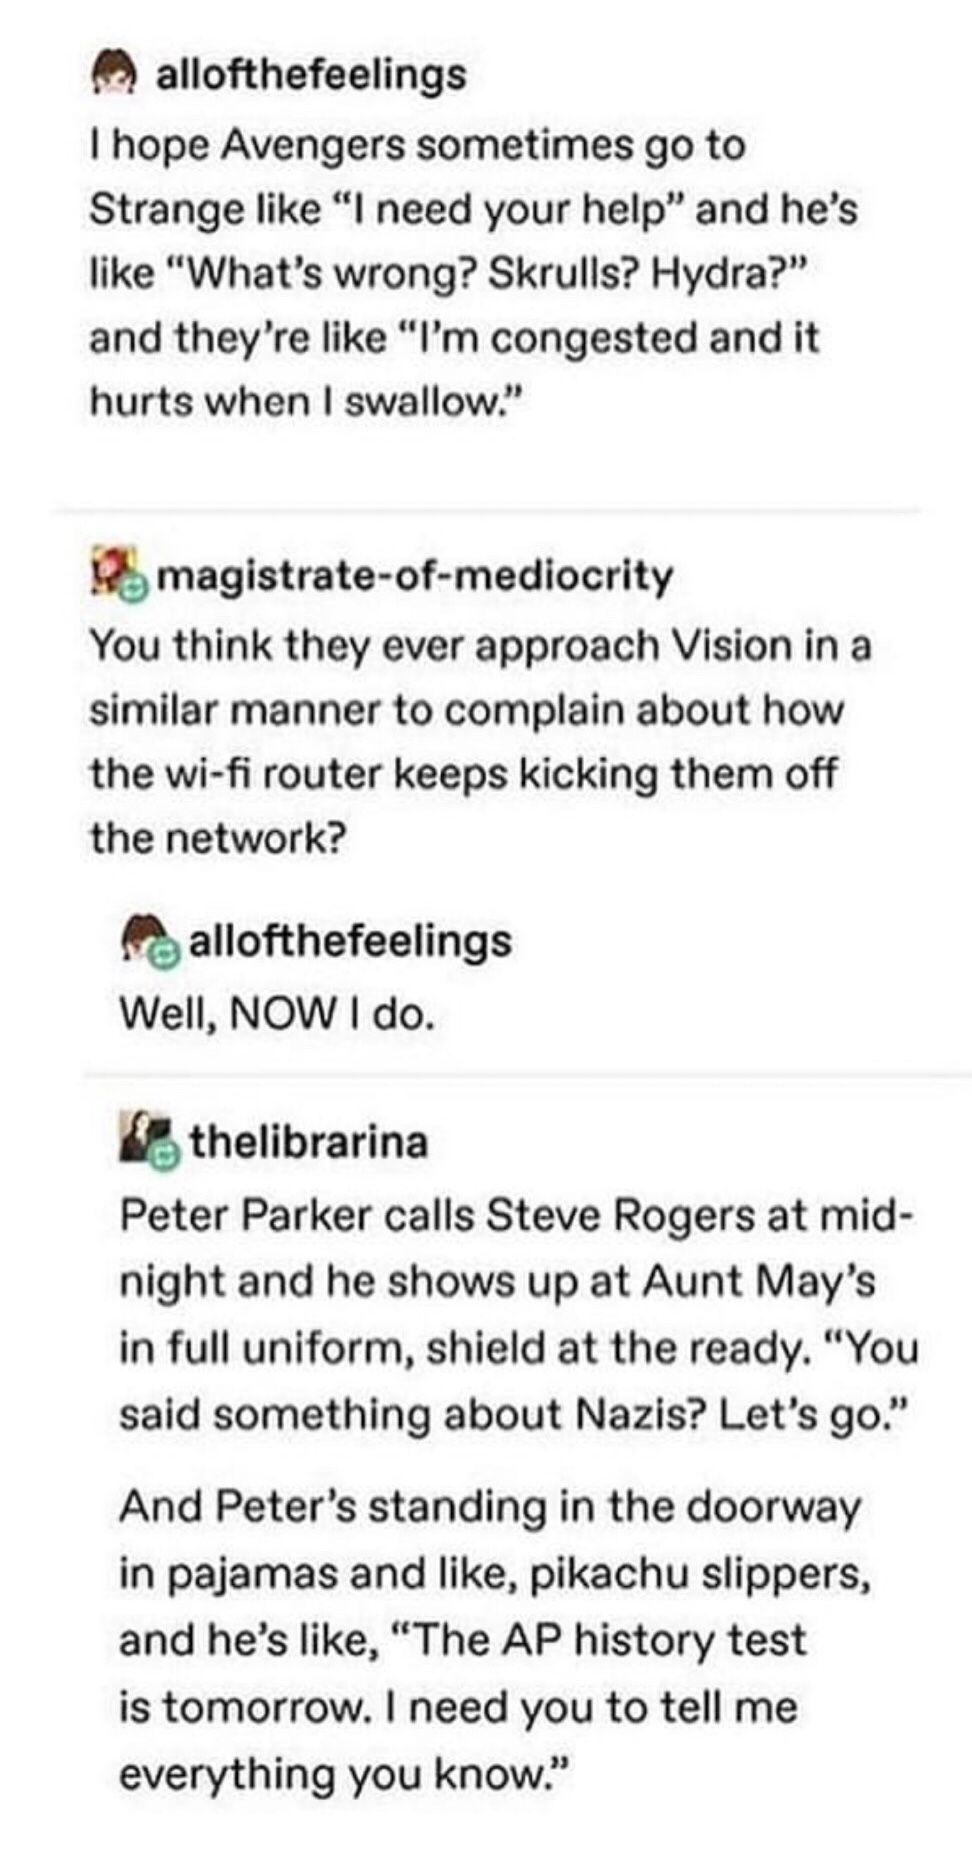 Pin by Brianna King on Marvel | Marvel memes, Marvel